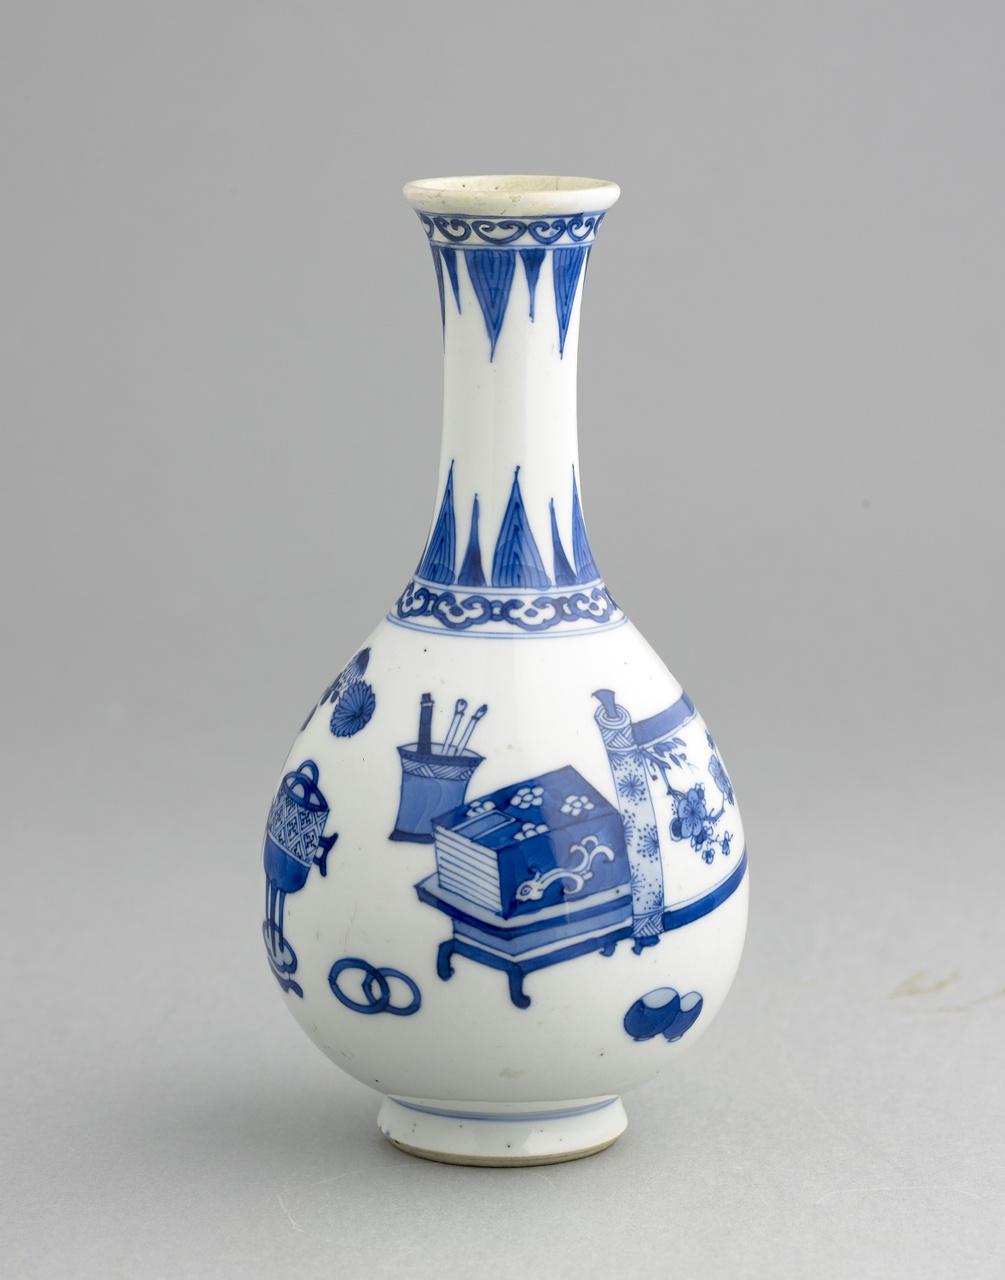 Vaas met Honderd Antiquiteiten in onderglazuur blauw